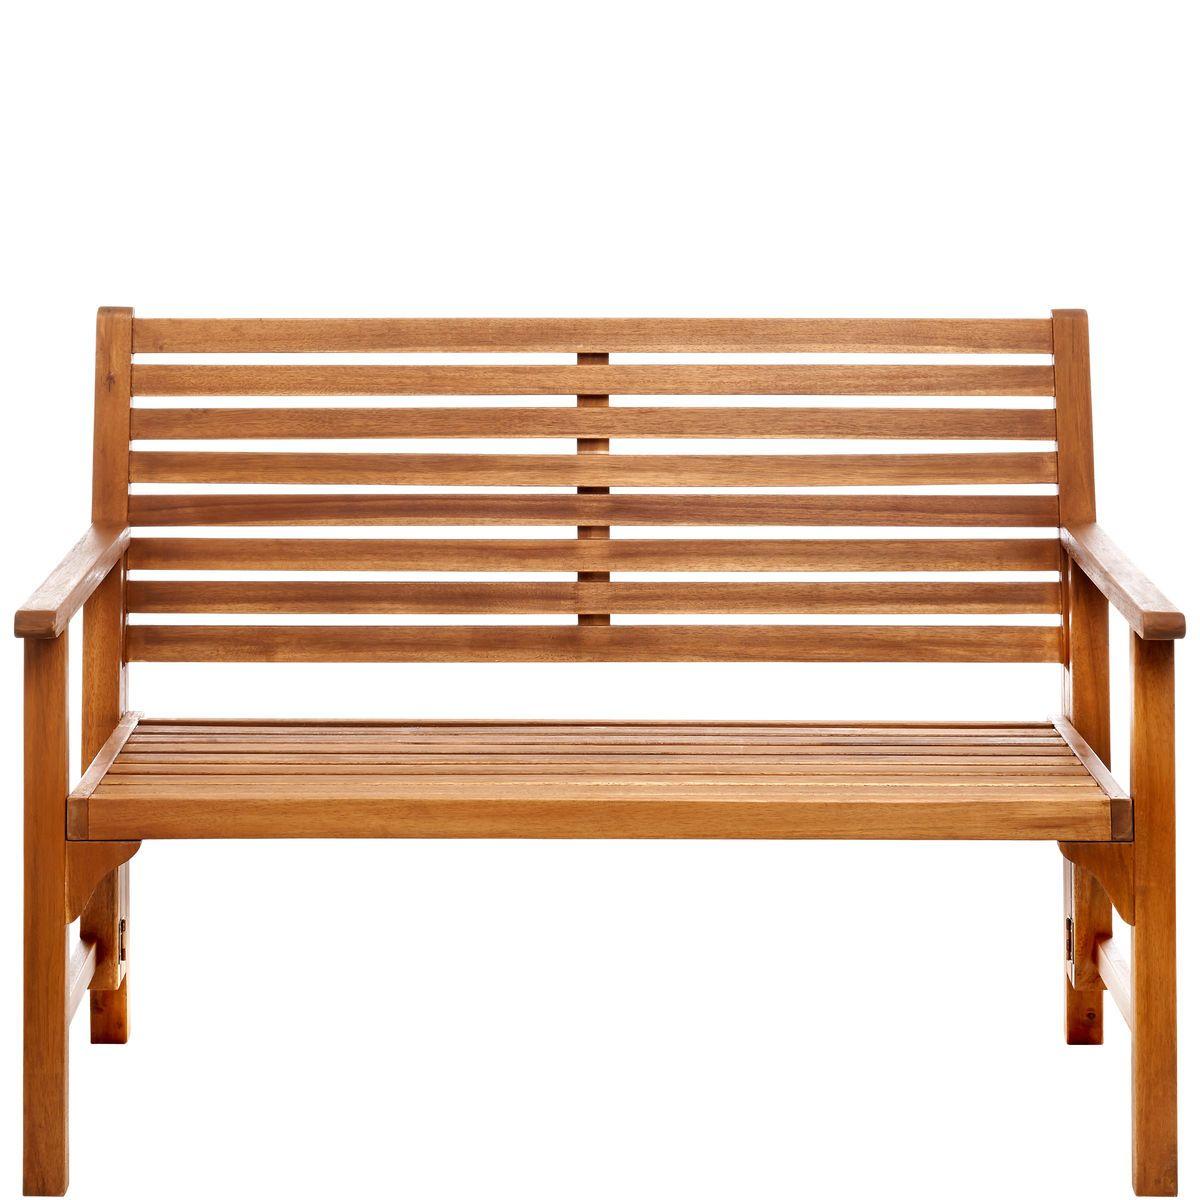 Diese Klappbank 2-Sitzer aus Akazienholz lässt sich einfach transportieren, aufstellen, wegräumen - und kommt mit ihrer engen, leicht geschwungenen Lattung der natürlichen Körperform entgegen. Im Freien sitzen, ins Grüne schauen und das Leben genießen - das wird nie aus der Mode kommen. Deshalb präsentiert sich die hochwertige Somerset Gartenmöbelserie zeitlos-klassisch mit Sinn für Komfort auf Qualität. Für Terrasse, Balkon und Garten.